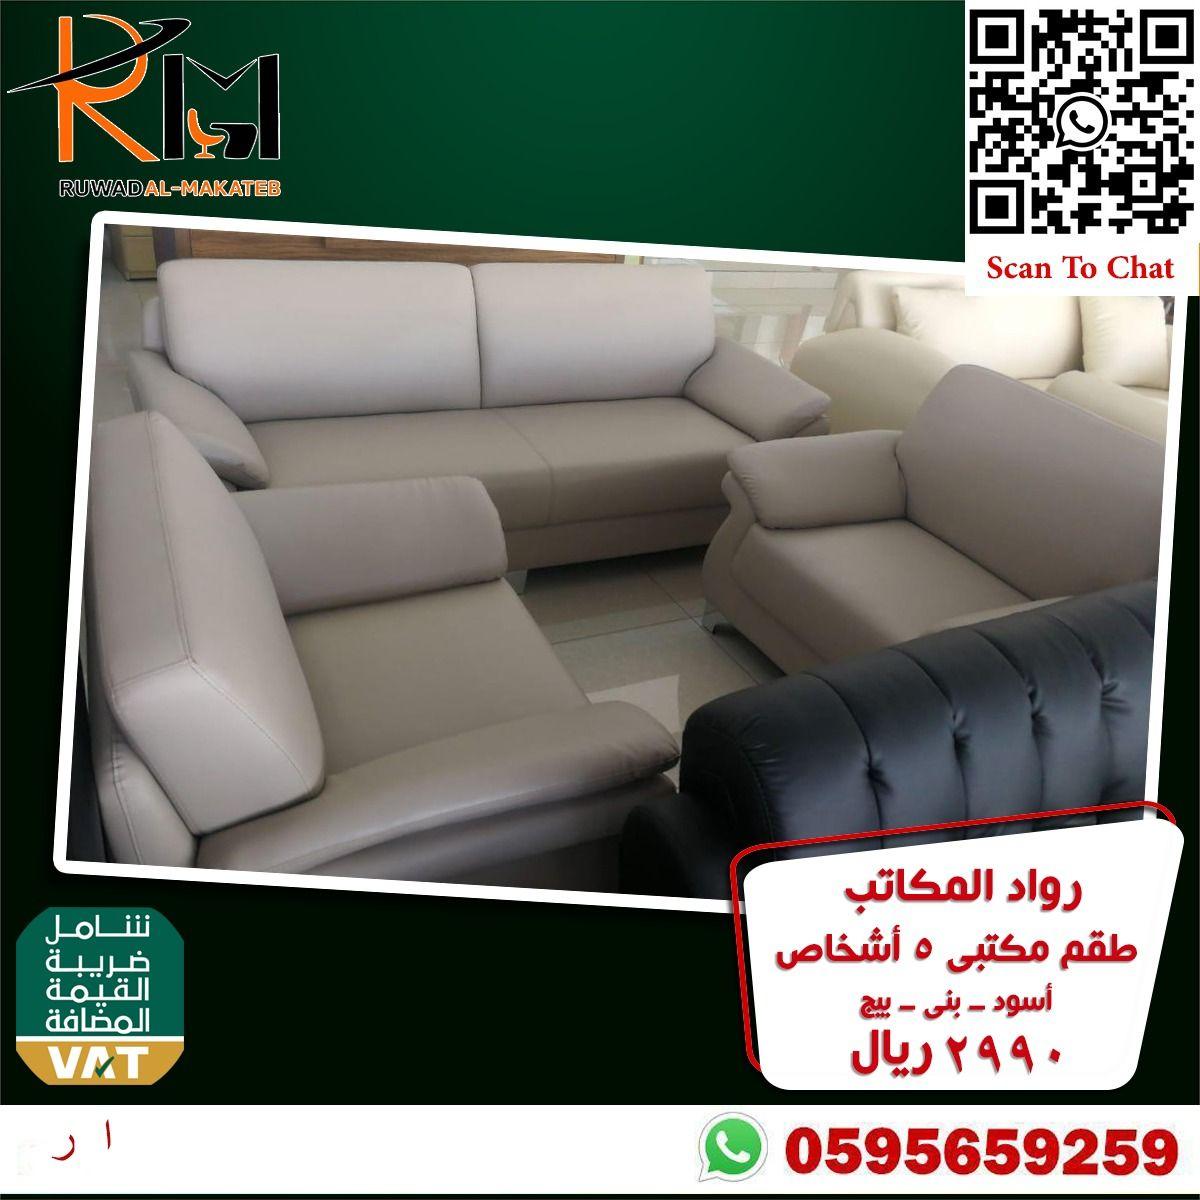 كنب مكتبي بيج In 2021 Sectional Couch Couch Sofa